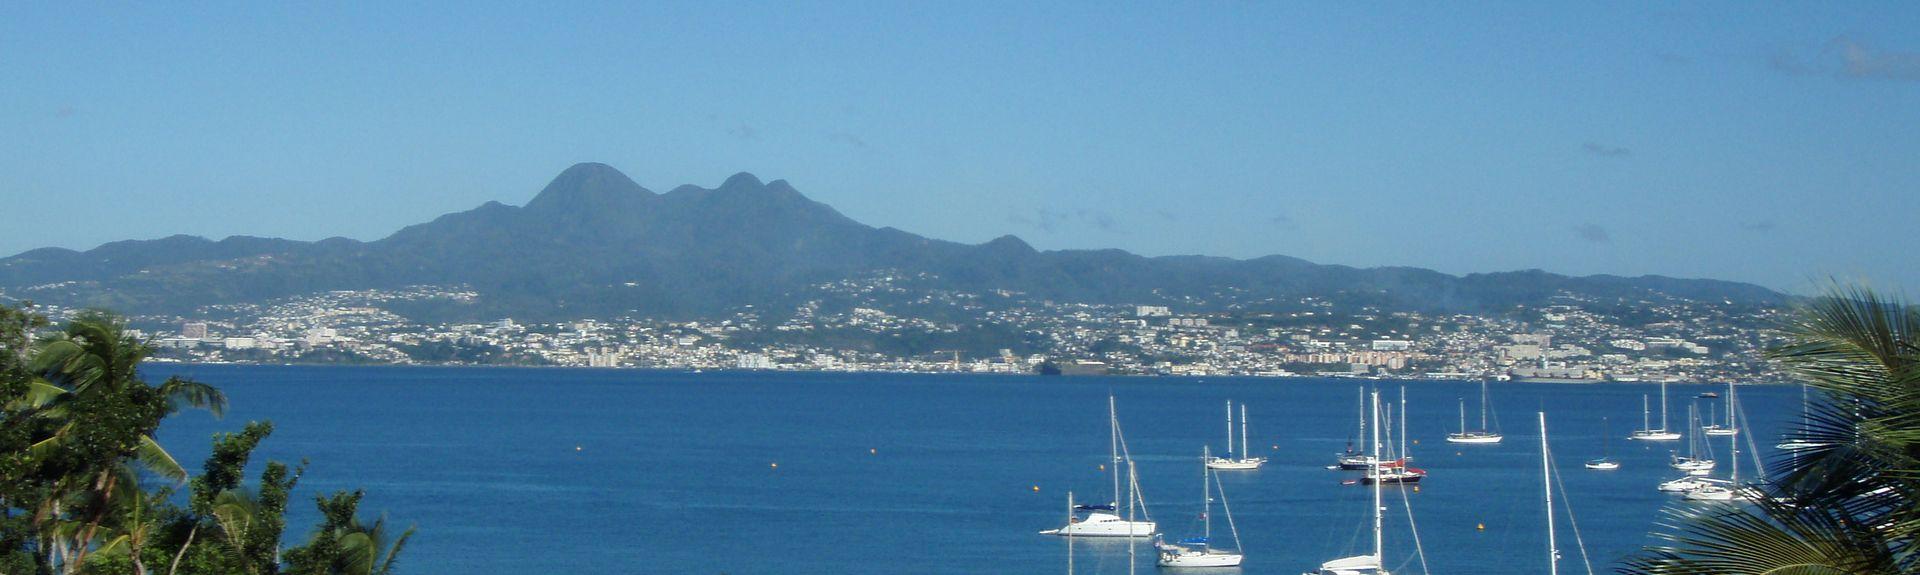 Pointe du Bout, Les Trois-Îlets, Martinique